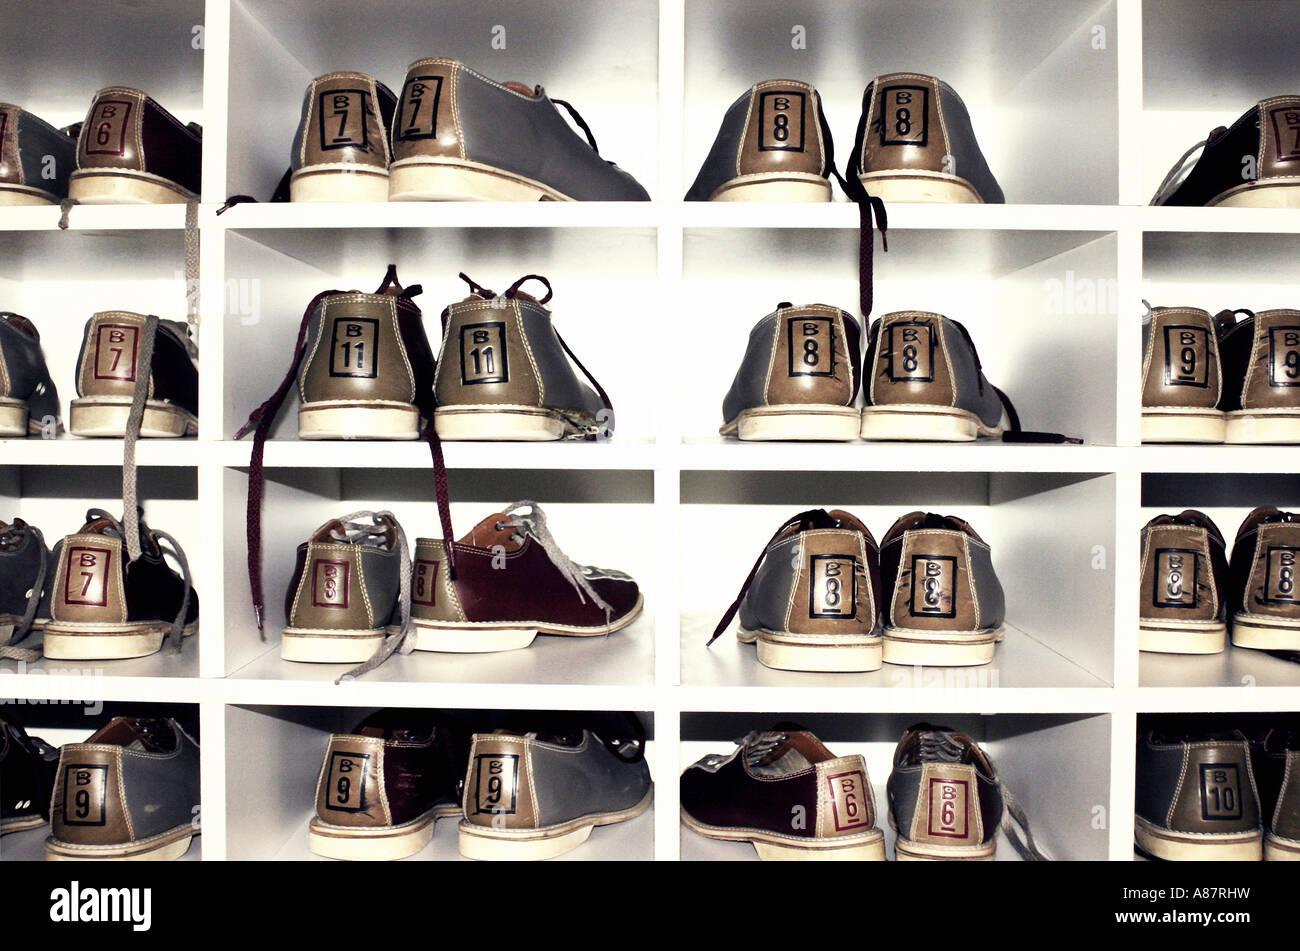 Varios pares de zapatos de bolos en la estantería. Imagen De Stock